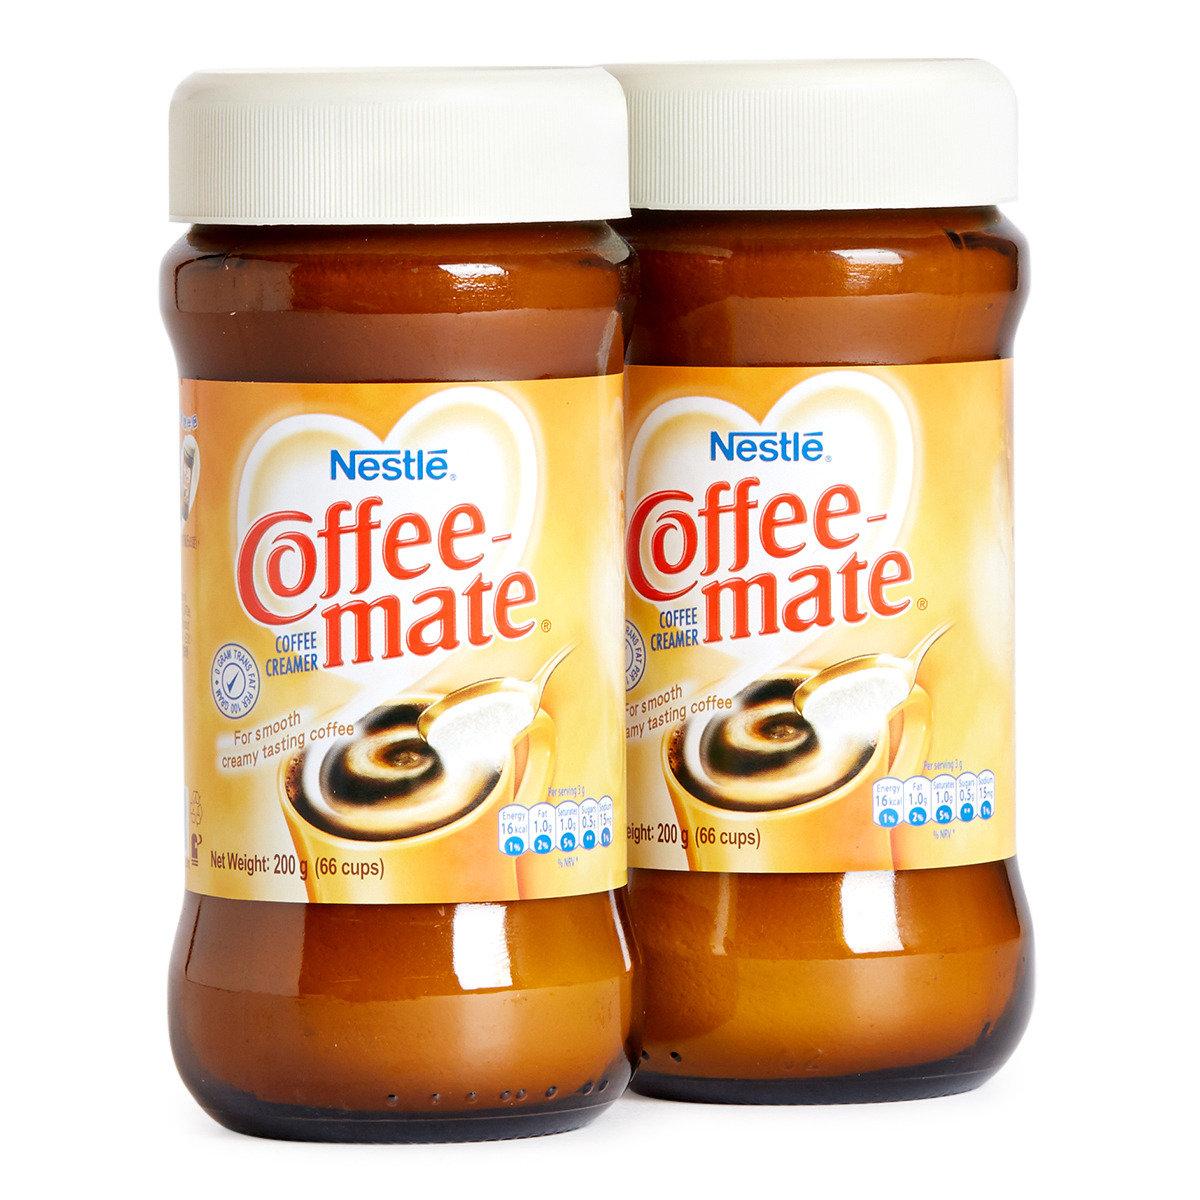 咖啡伴侶®(植脂末)